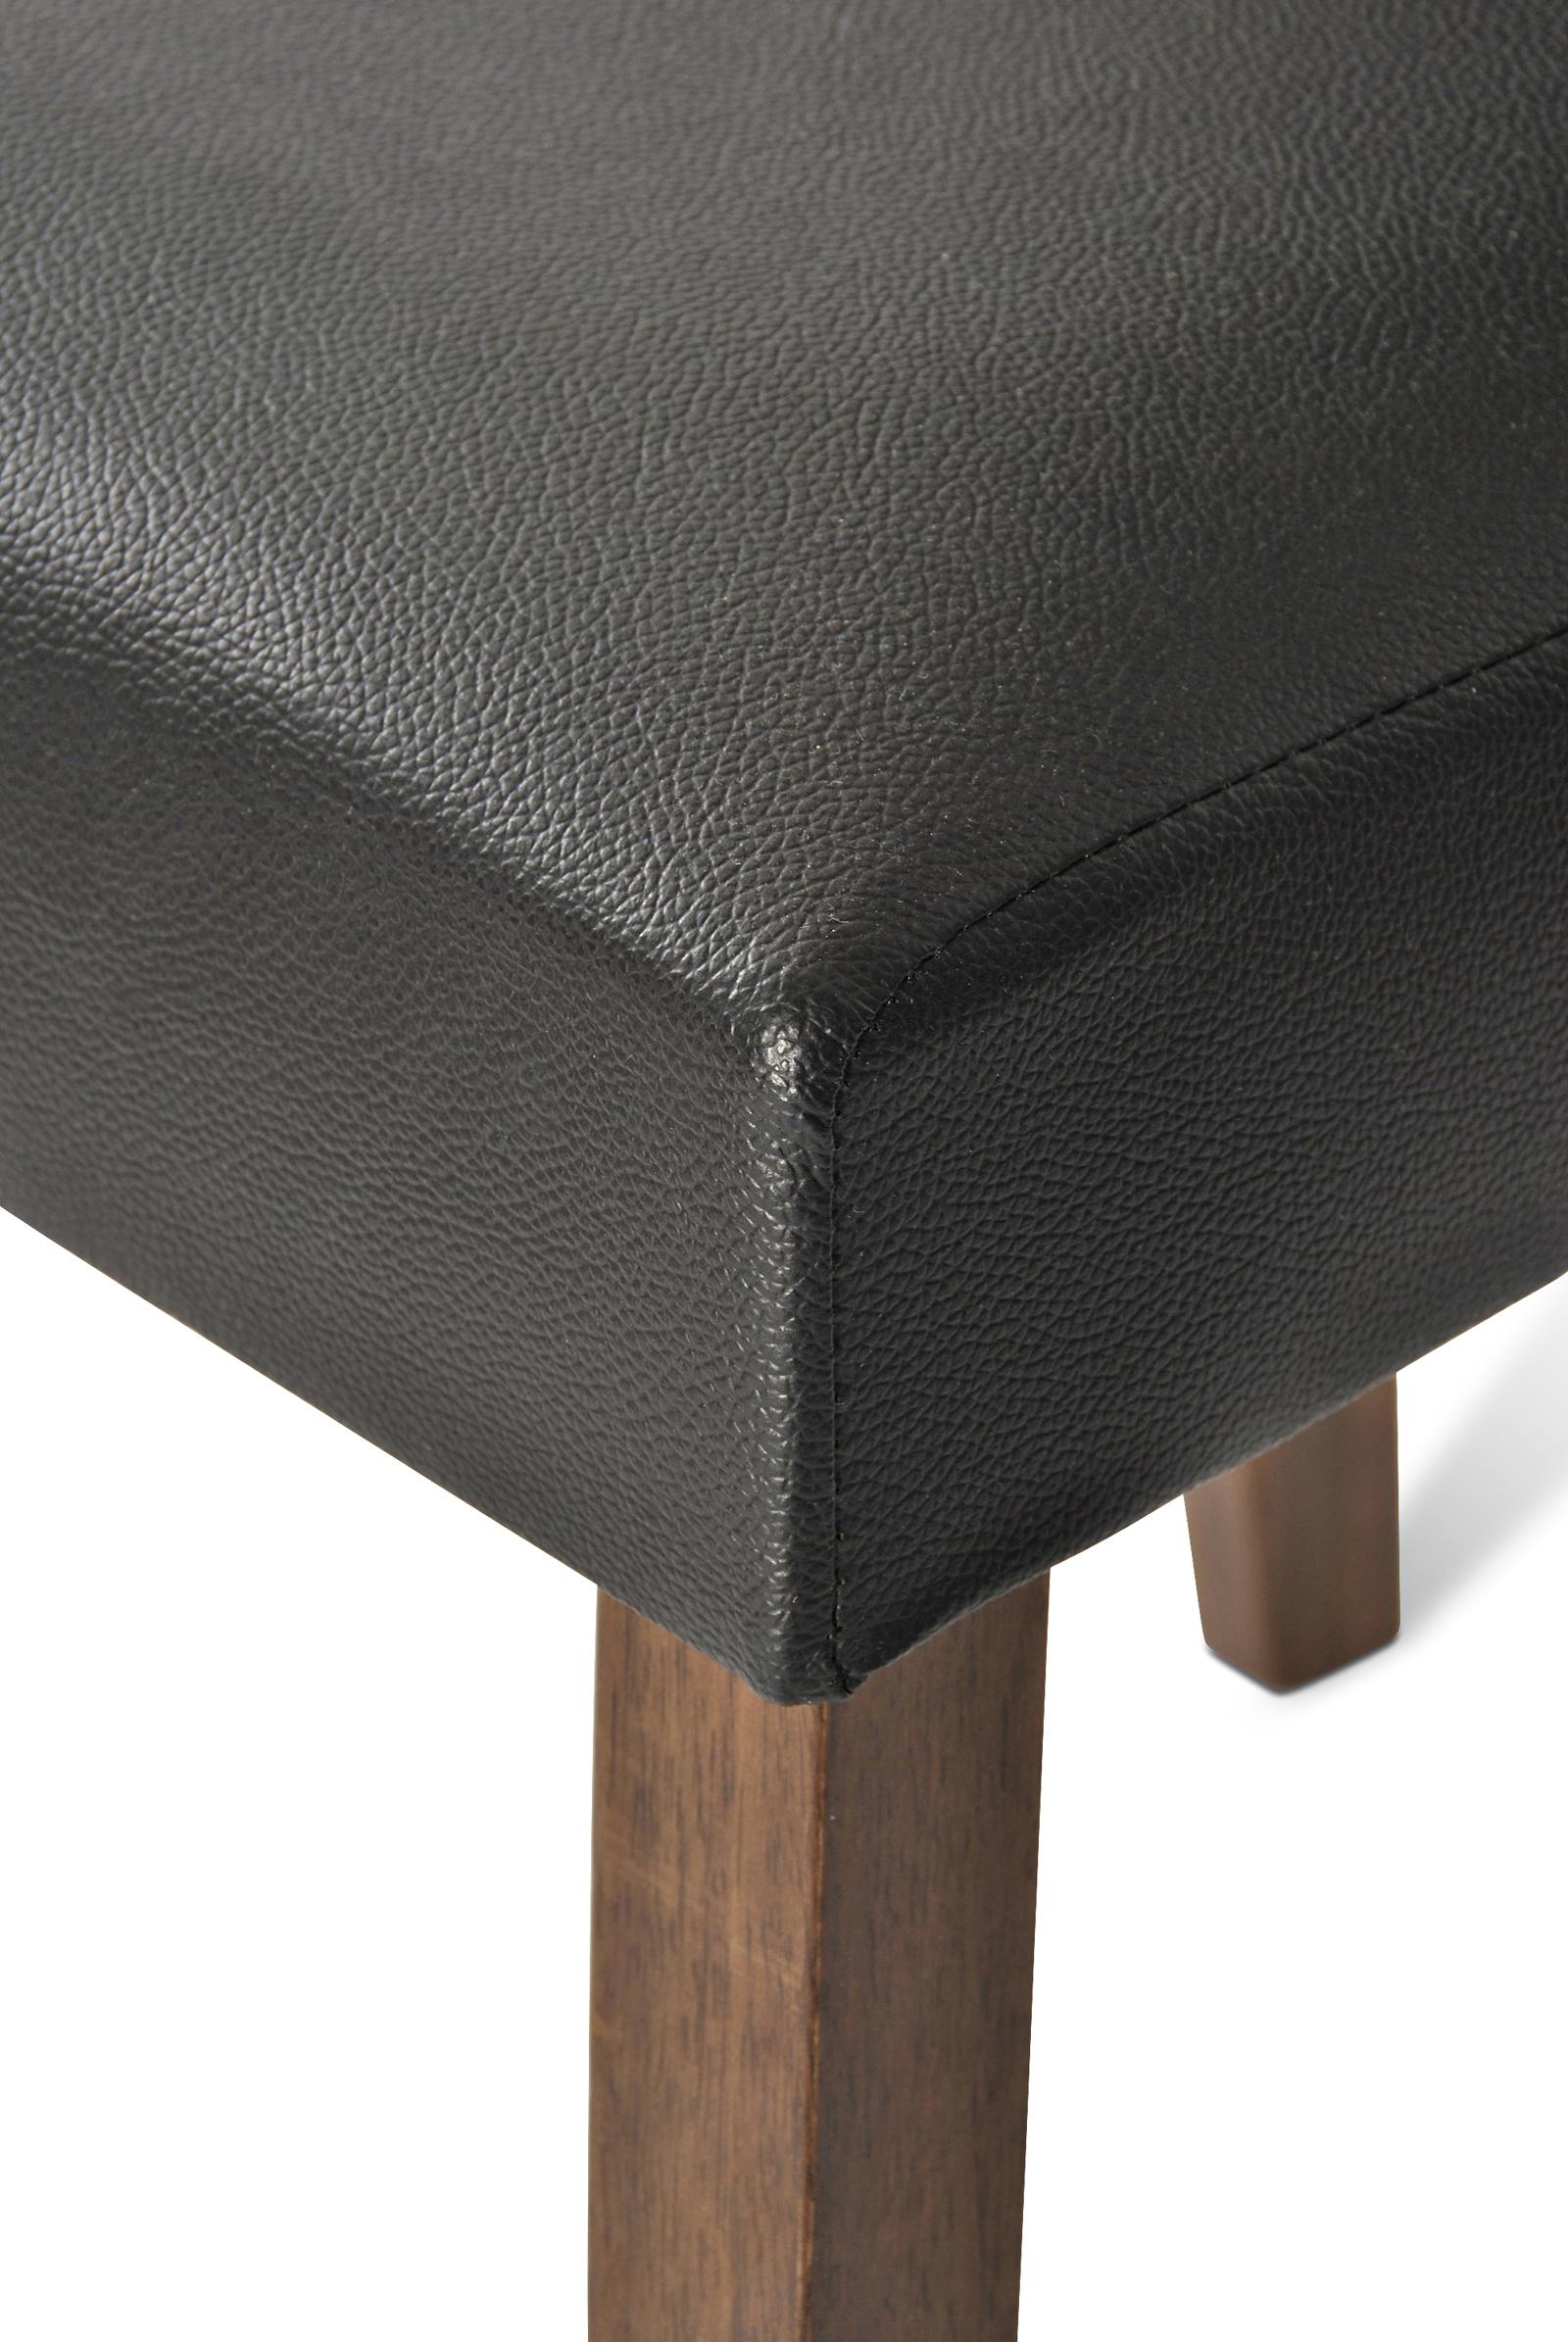 lederstuhl esszimmer drehstuhl leder esszimmer genial lederstuhl mit chrom oder edelstahl. Black Bedroom Furniture Sets. Home Design Ideas